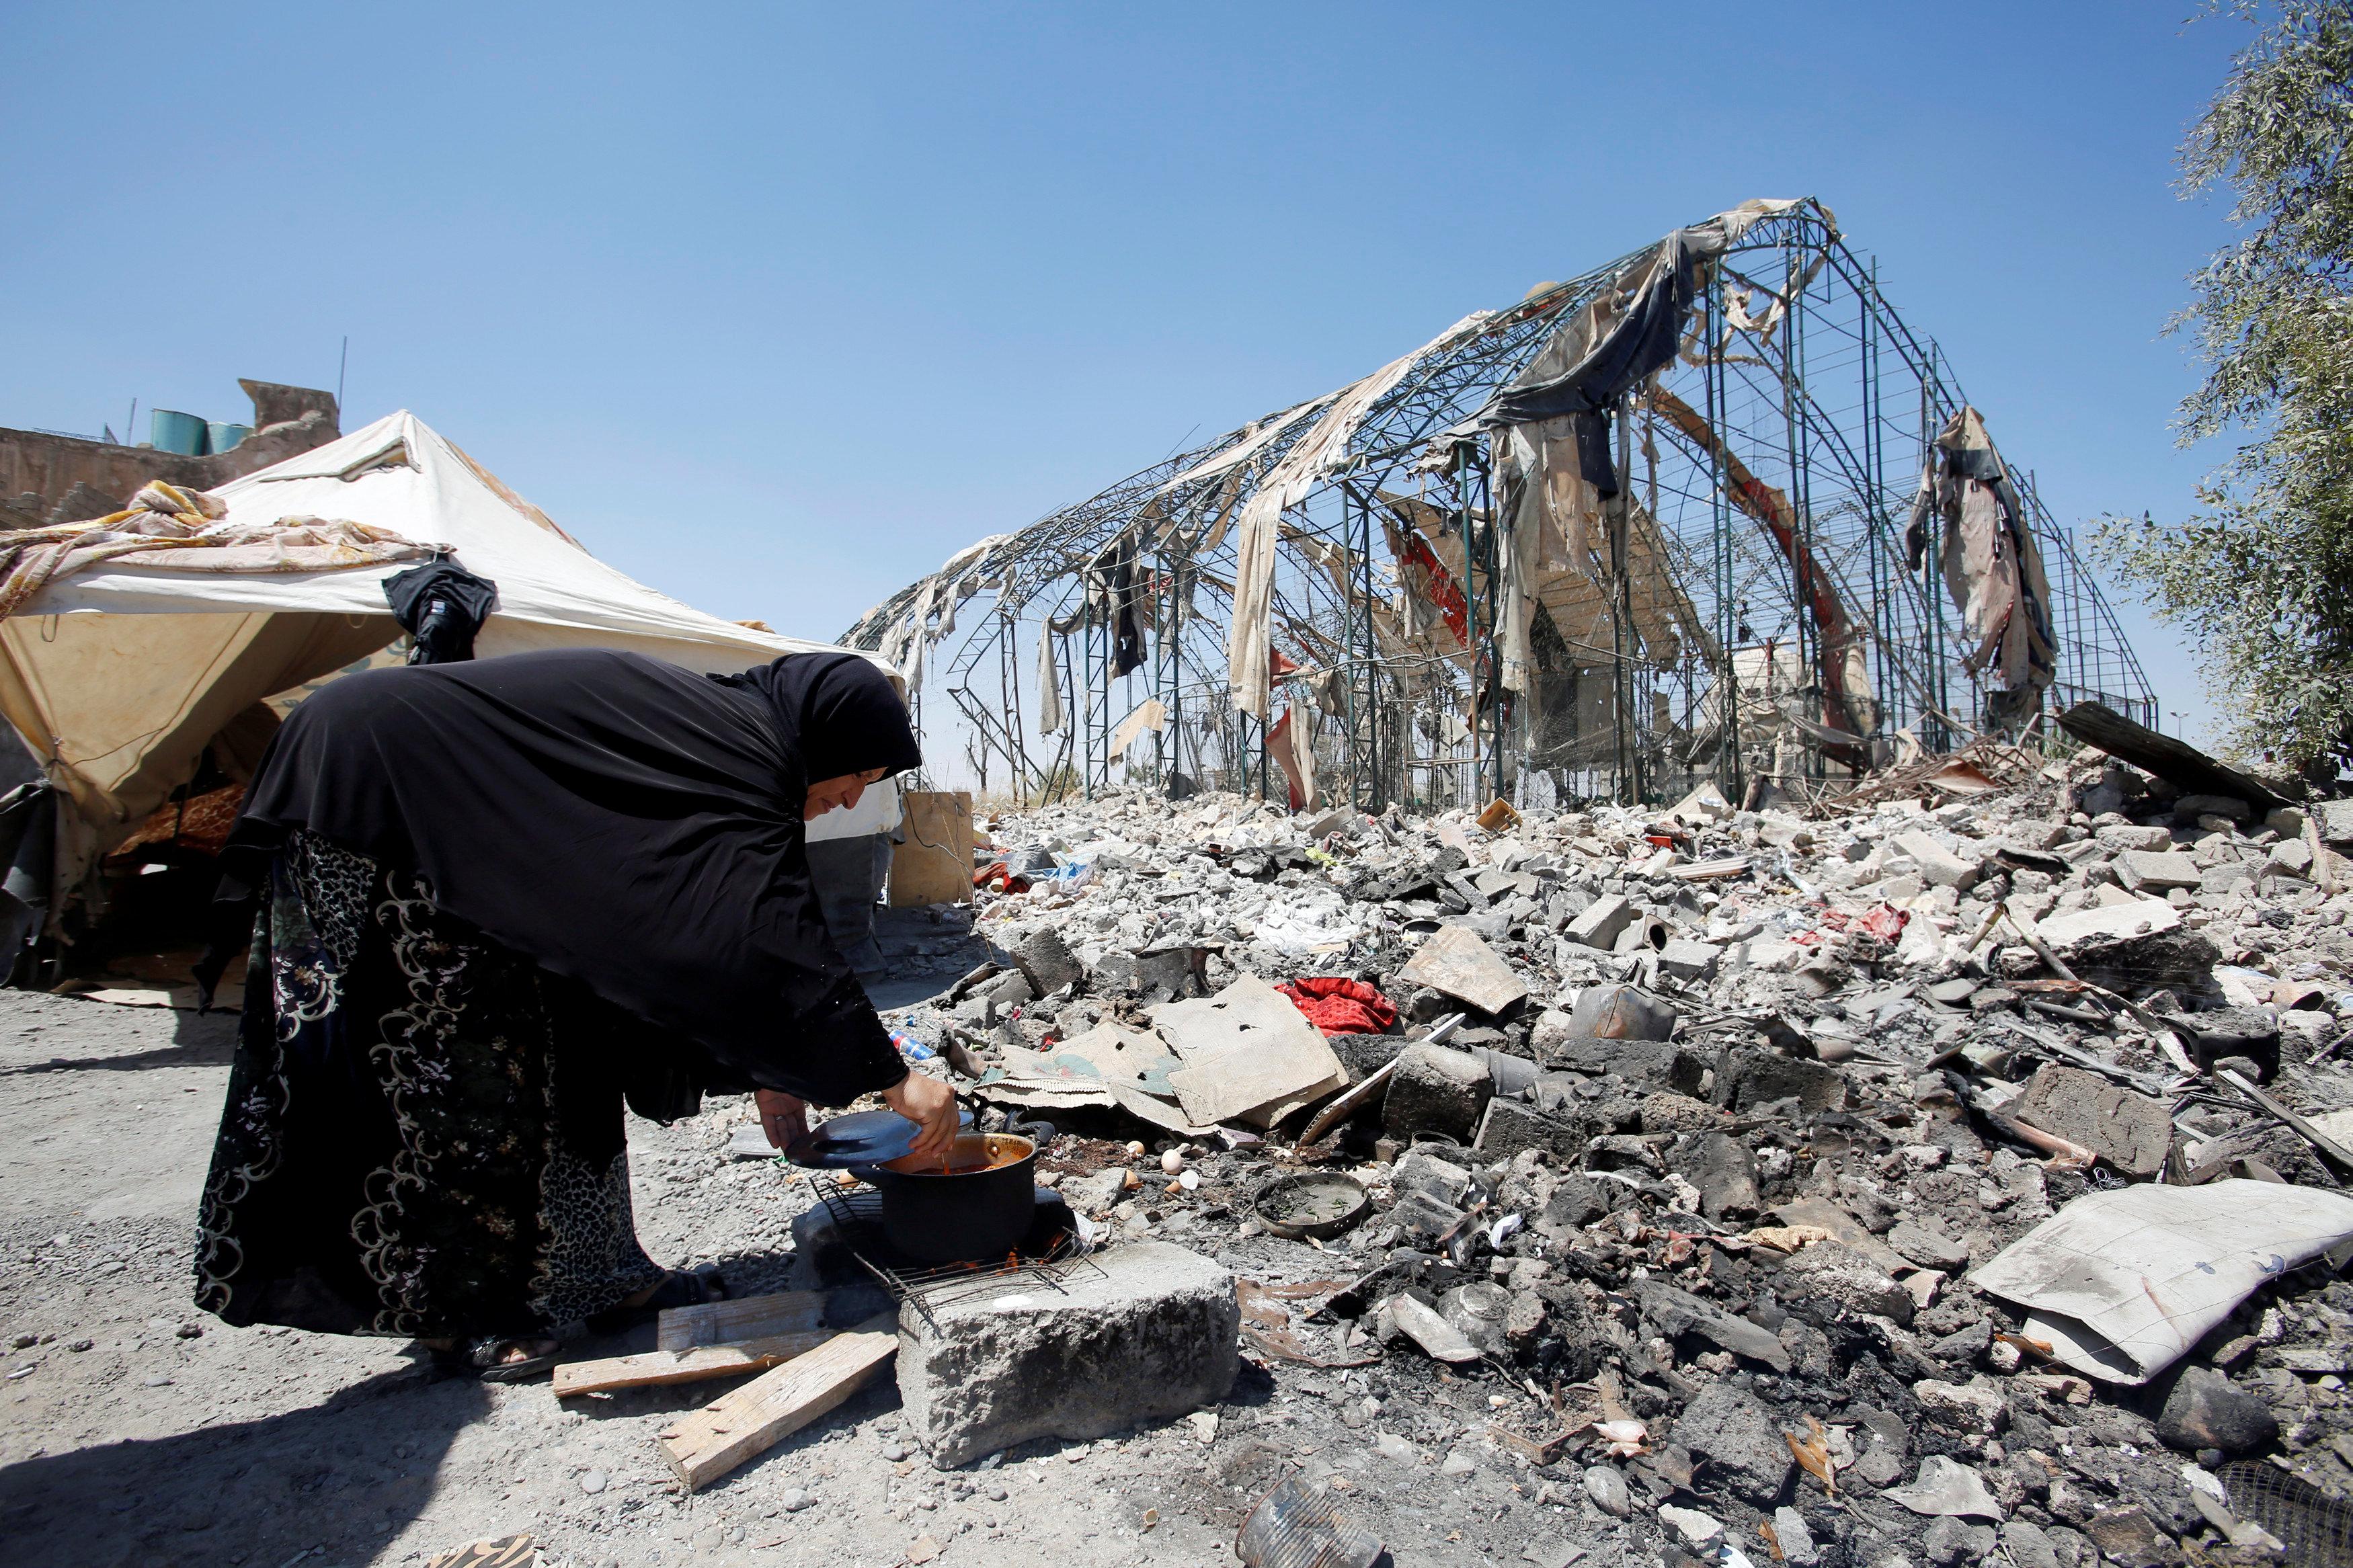 سيدة من الموصل تطهو الطعام على نار بالقرب من أنقاض منزل مهدم